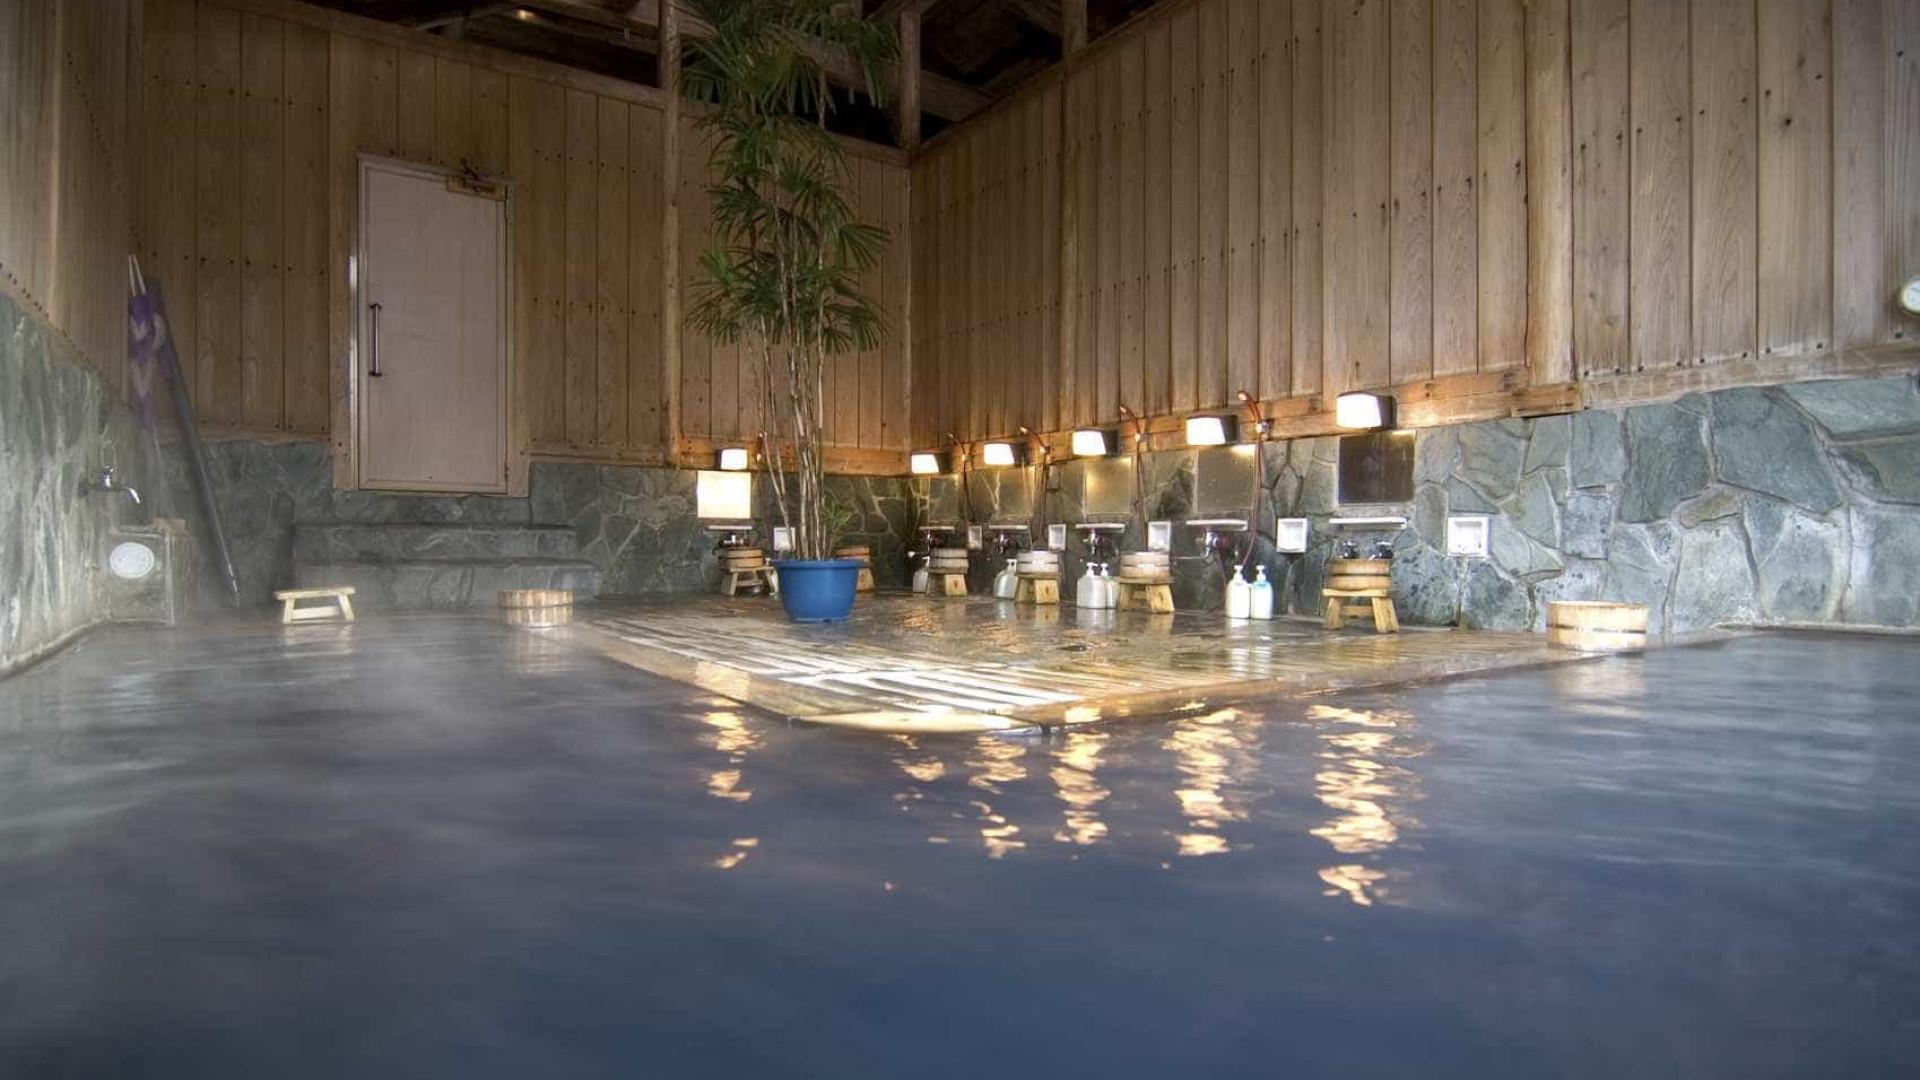 Aprovada concessão da água termal à Câmara das Caldas da Rainha